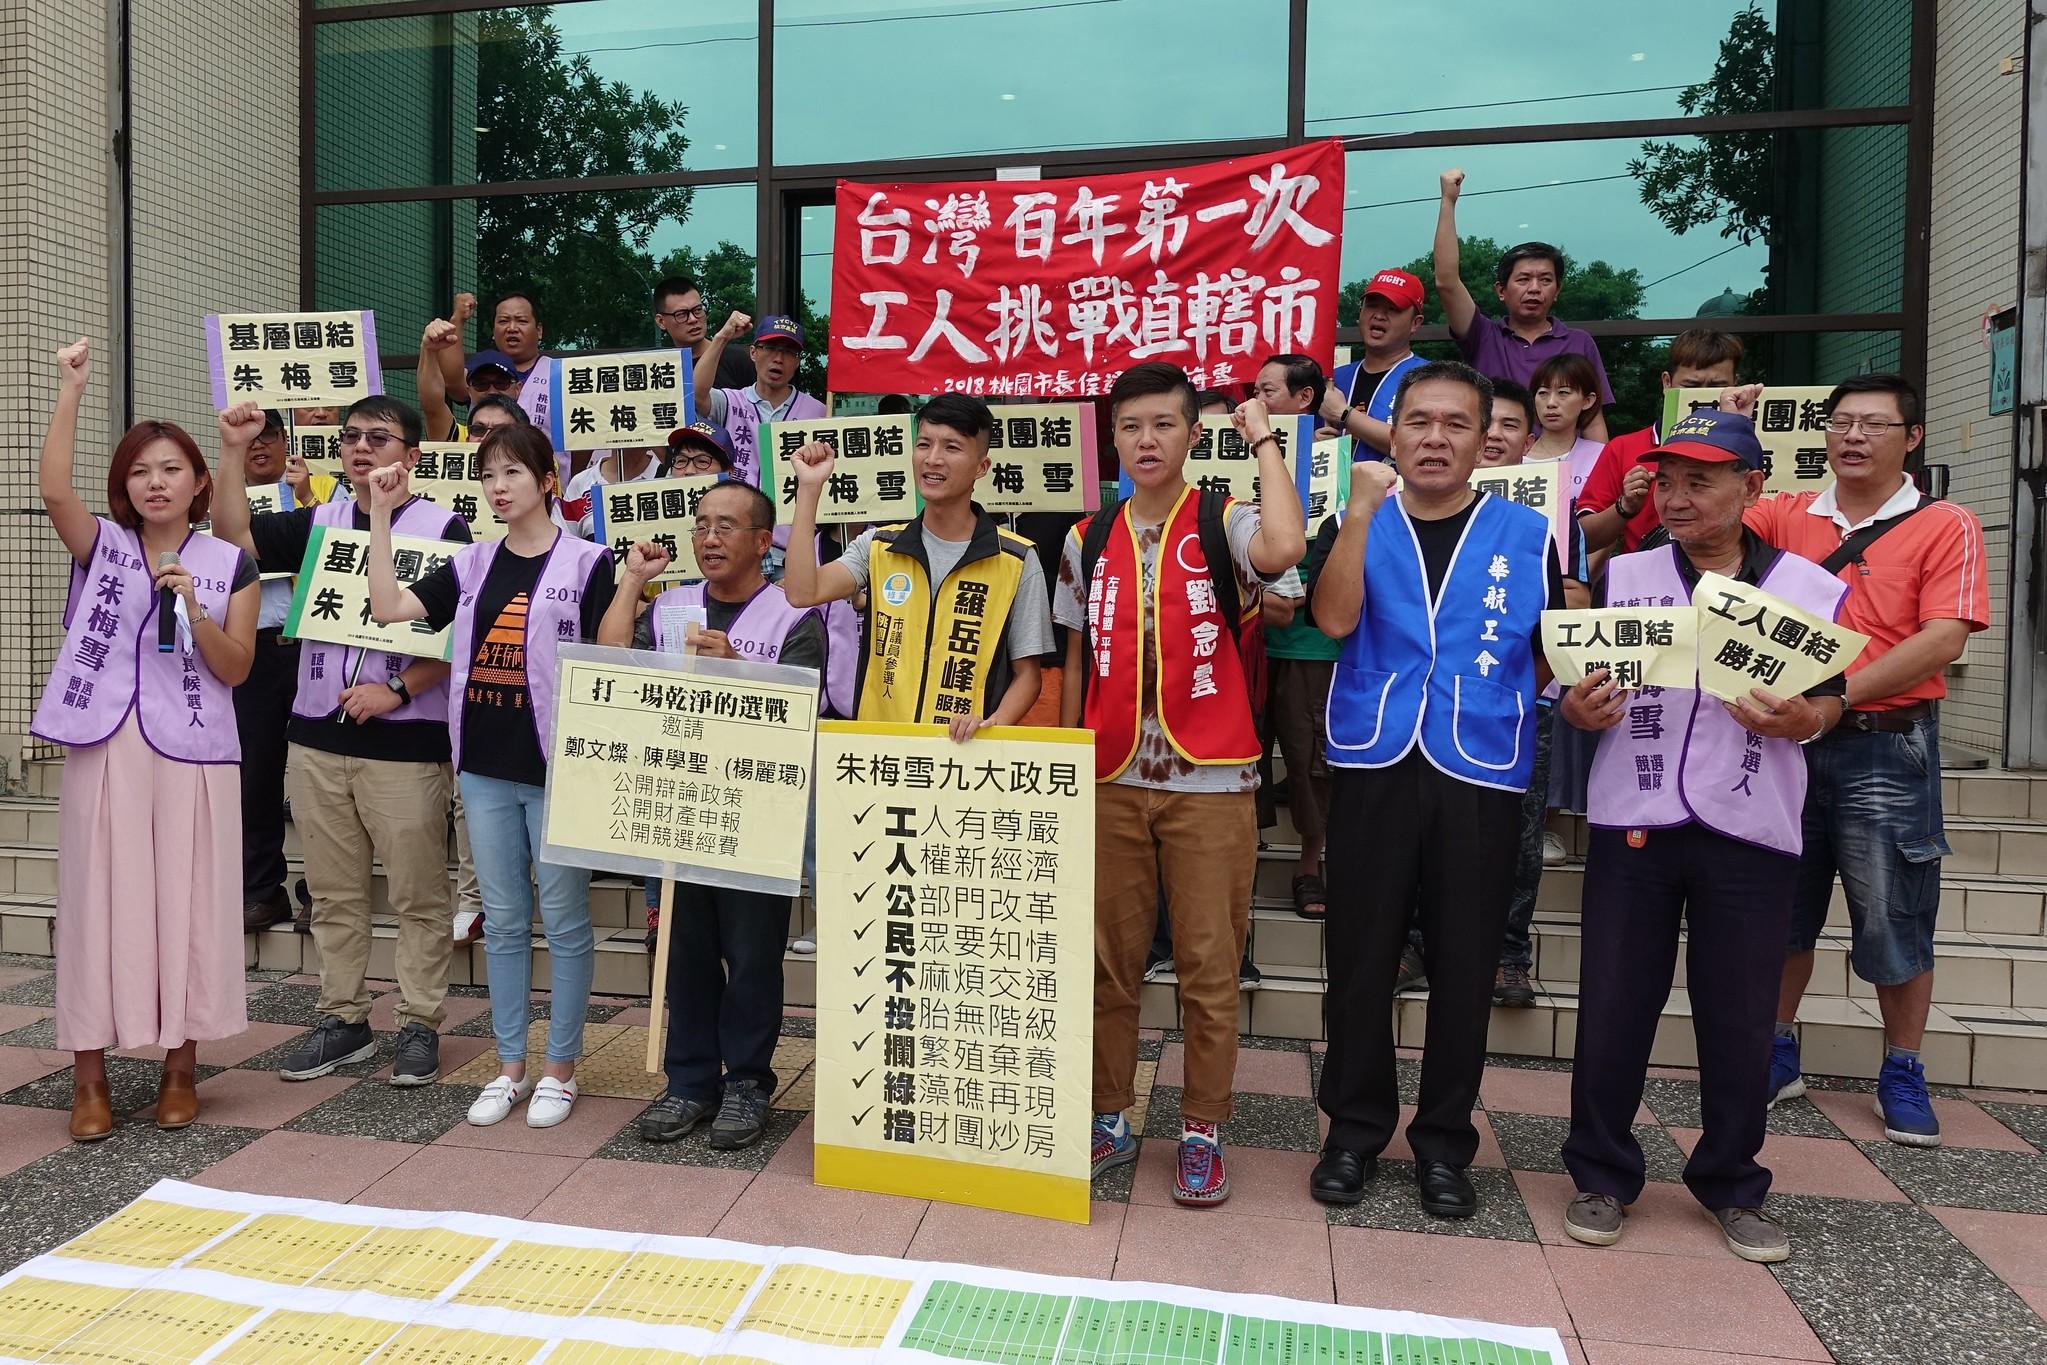 左翼联盟党员、桃园市议员平镇区参选人刘念云(右三)今天也来声援朱梅雪。(摄影:张智琦)